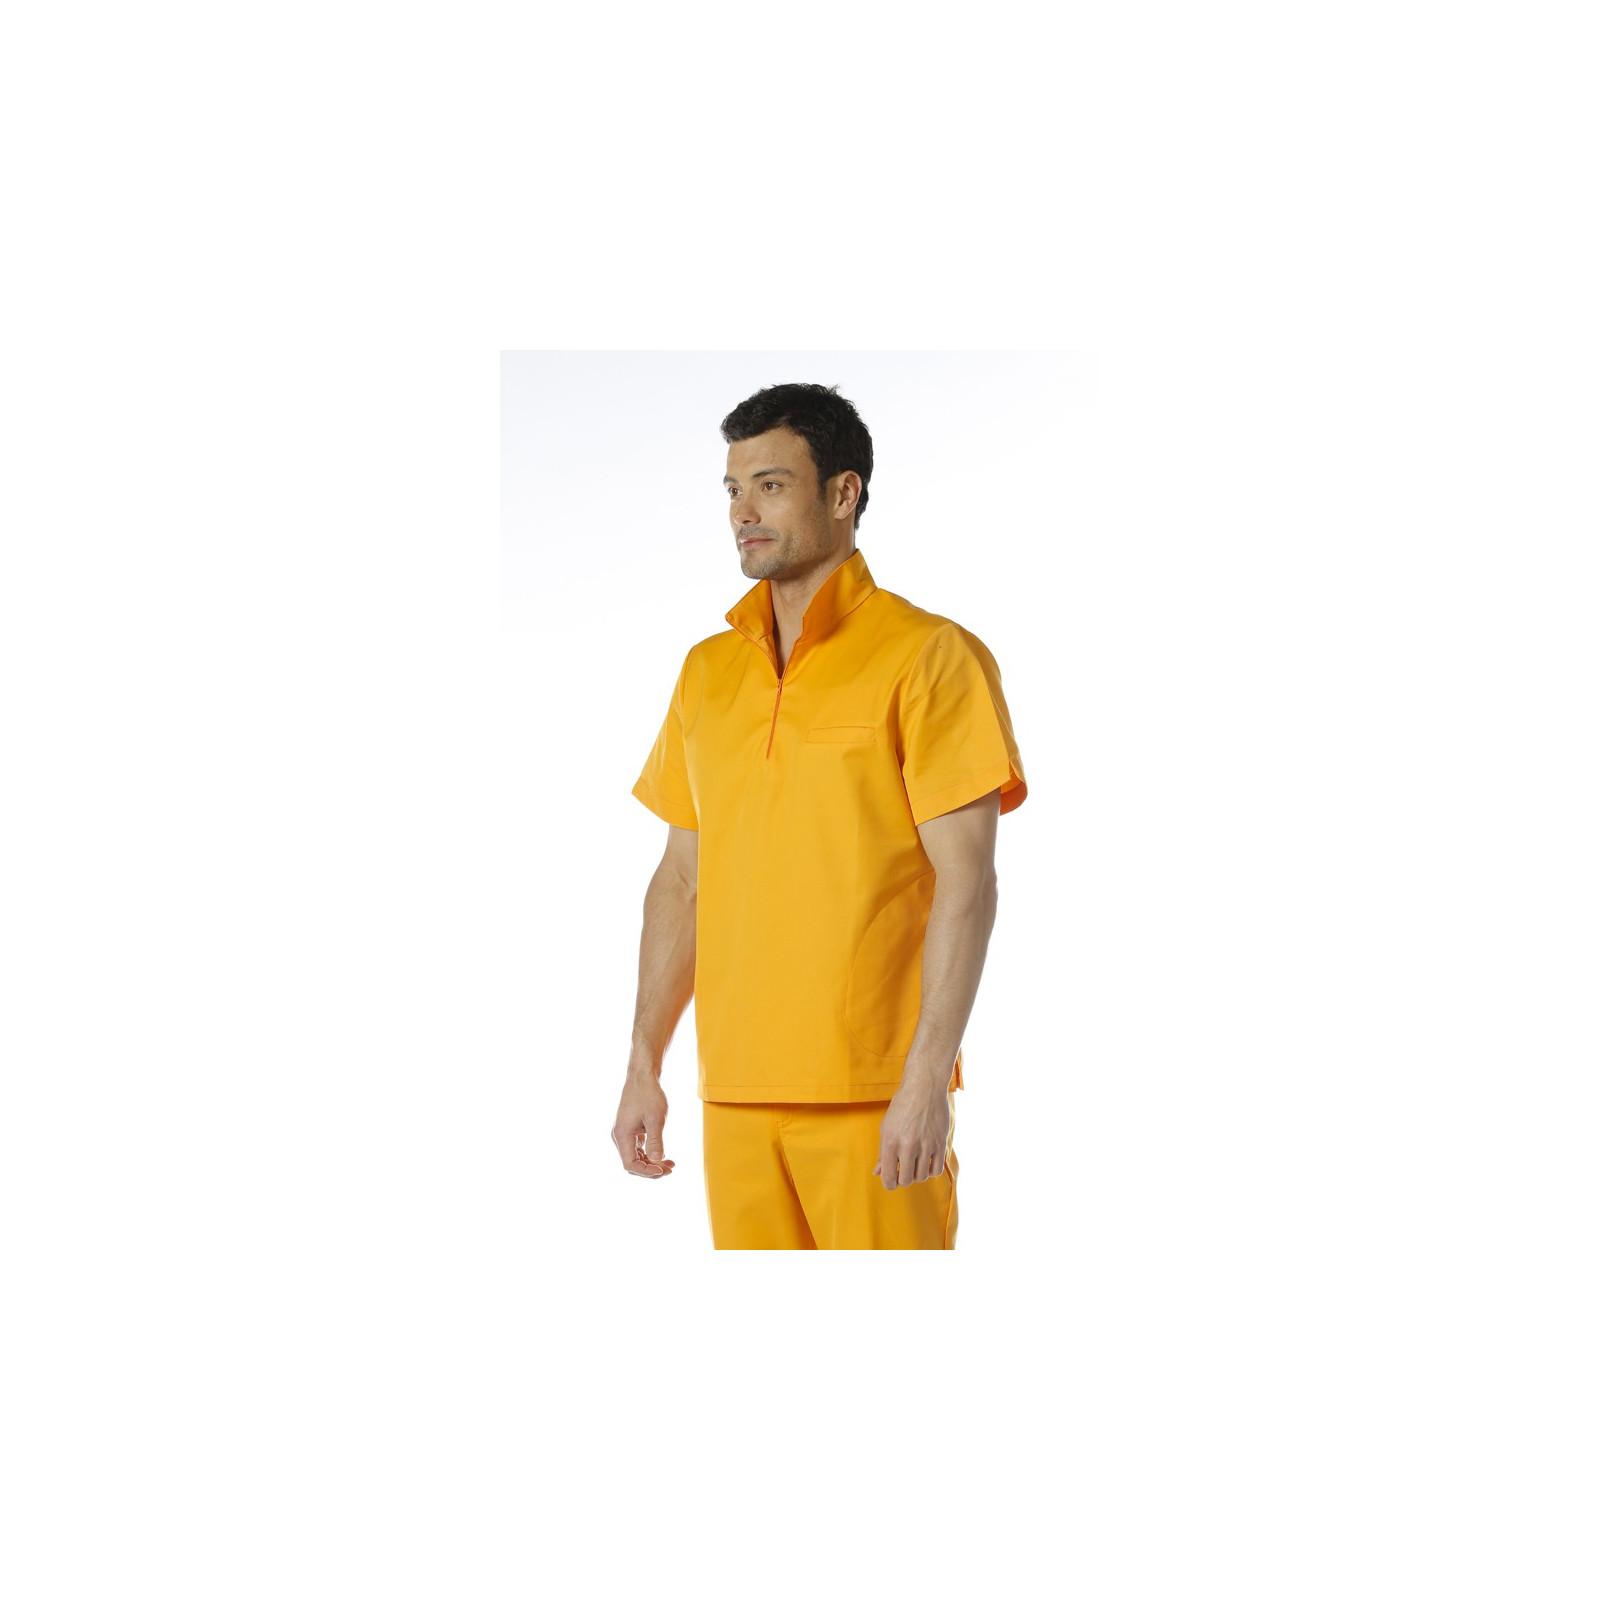 Tunique homme, Col Zippé, Mankaia Factory, nouveau tissu! (2601)